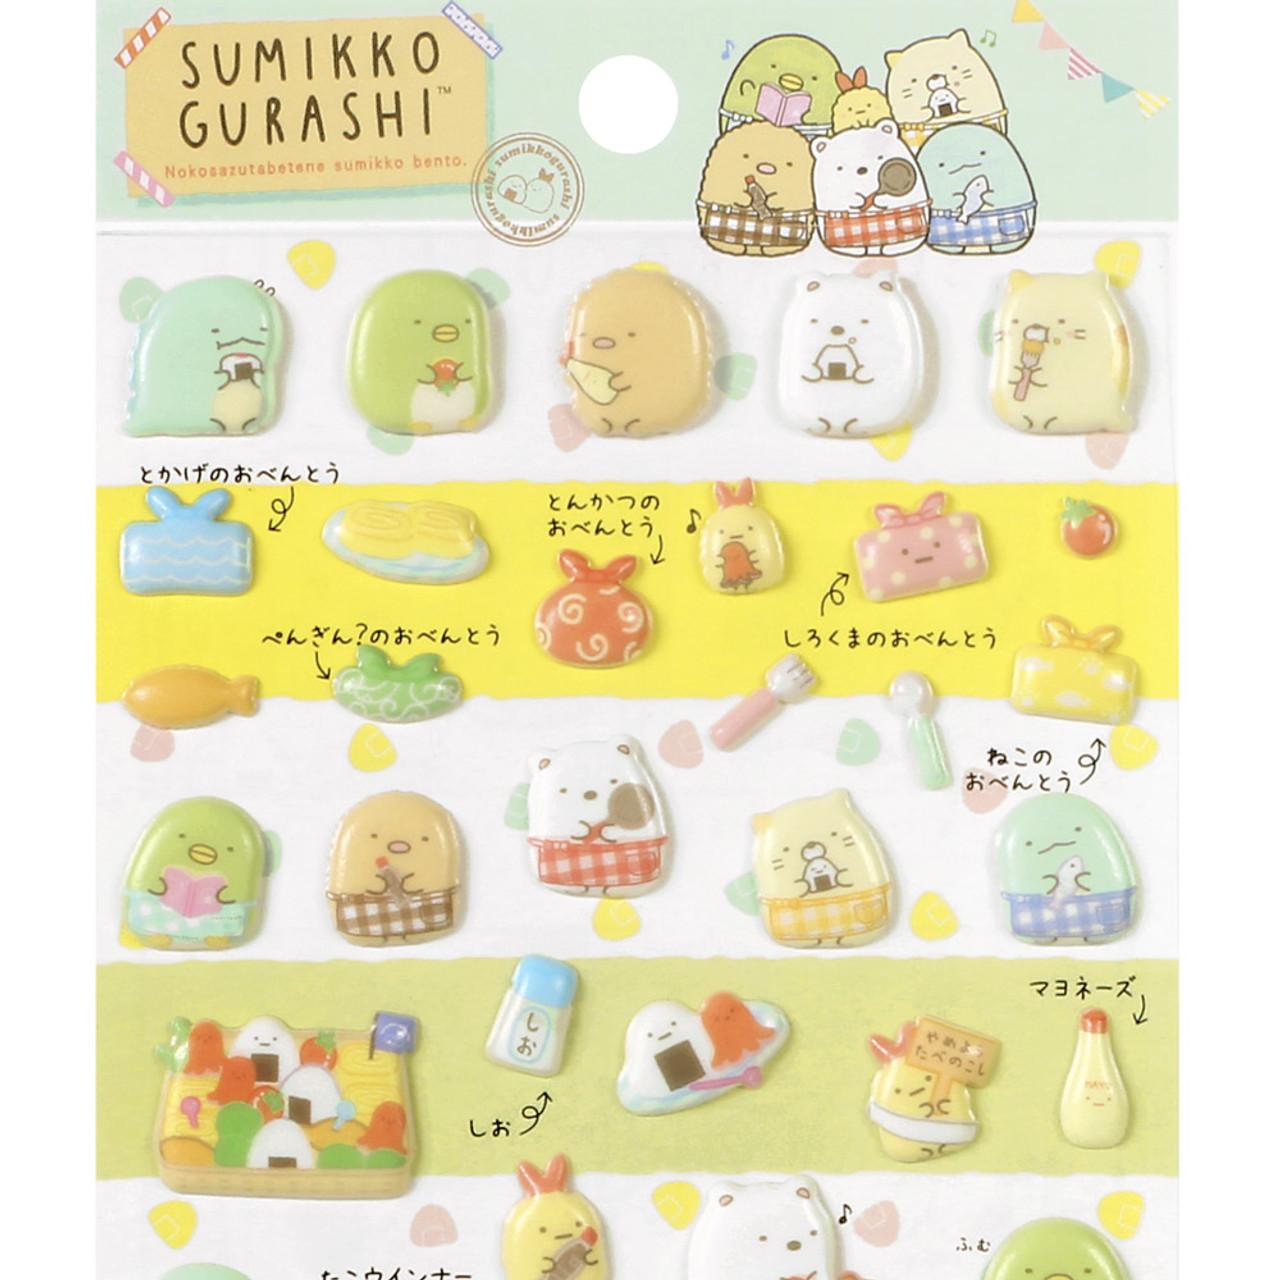 Sumikko Gurashi Puffy Sticker SE31401 ( Top Part )